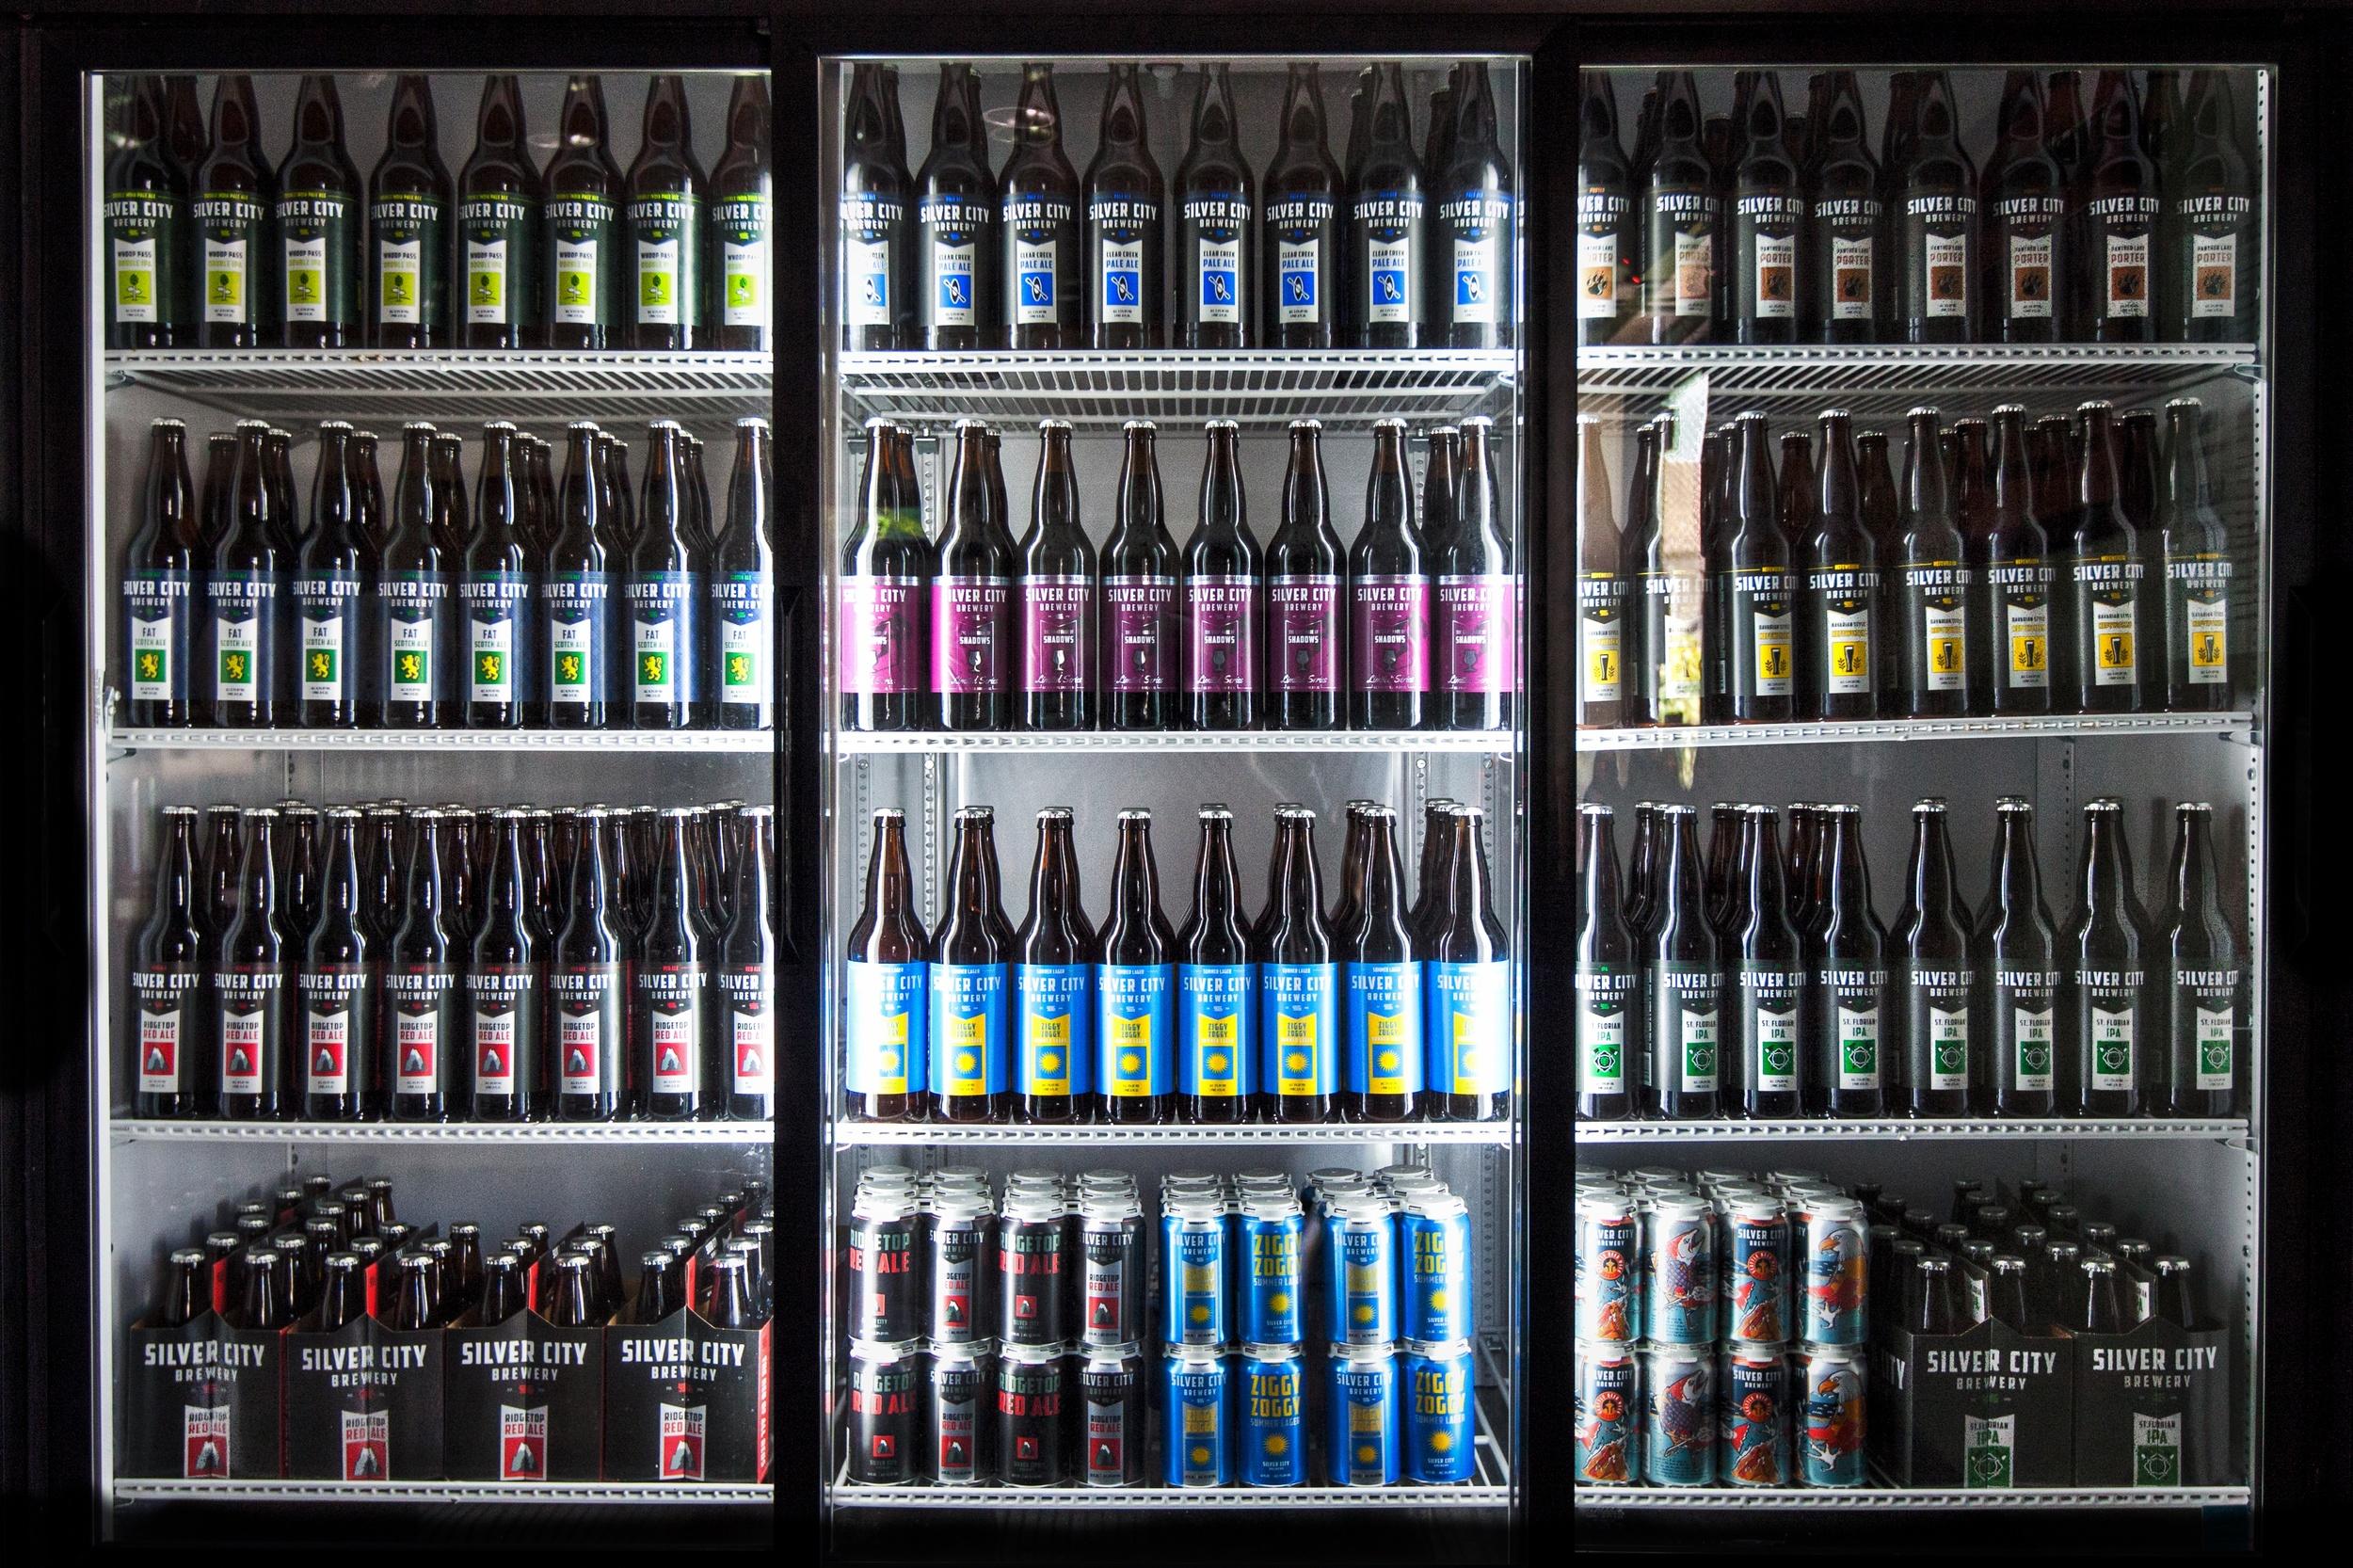 cooler_bottle_lineup.jpeg